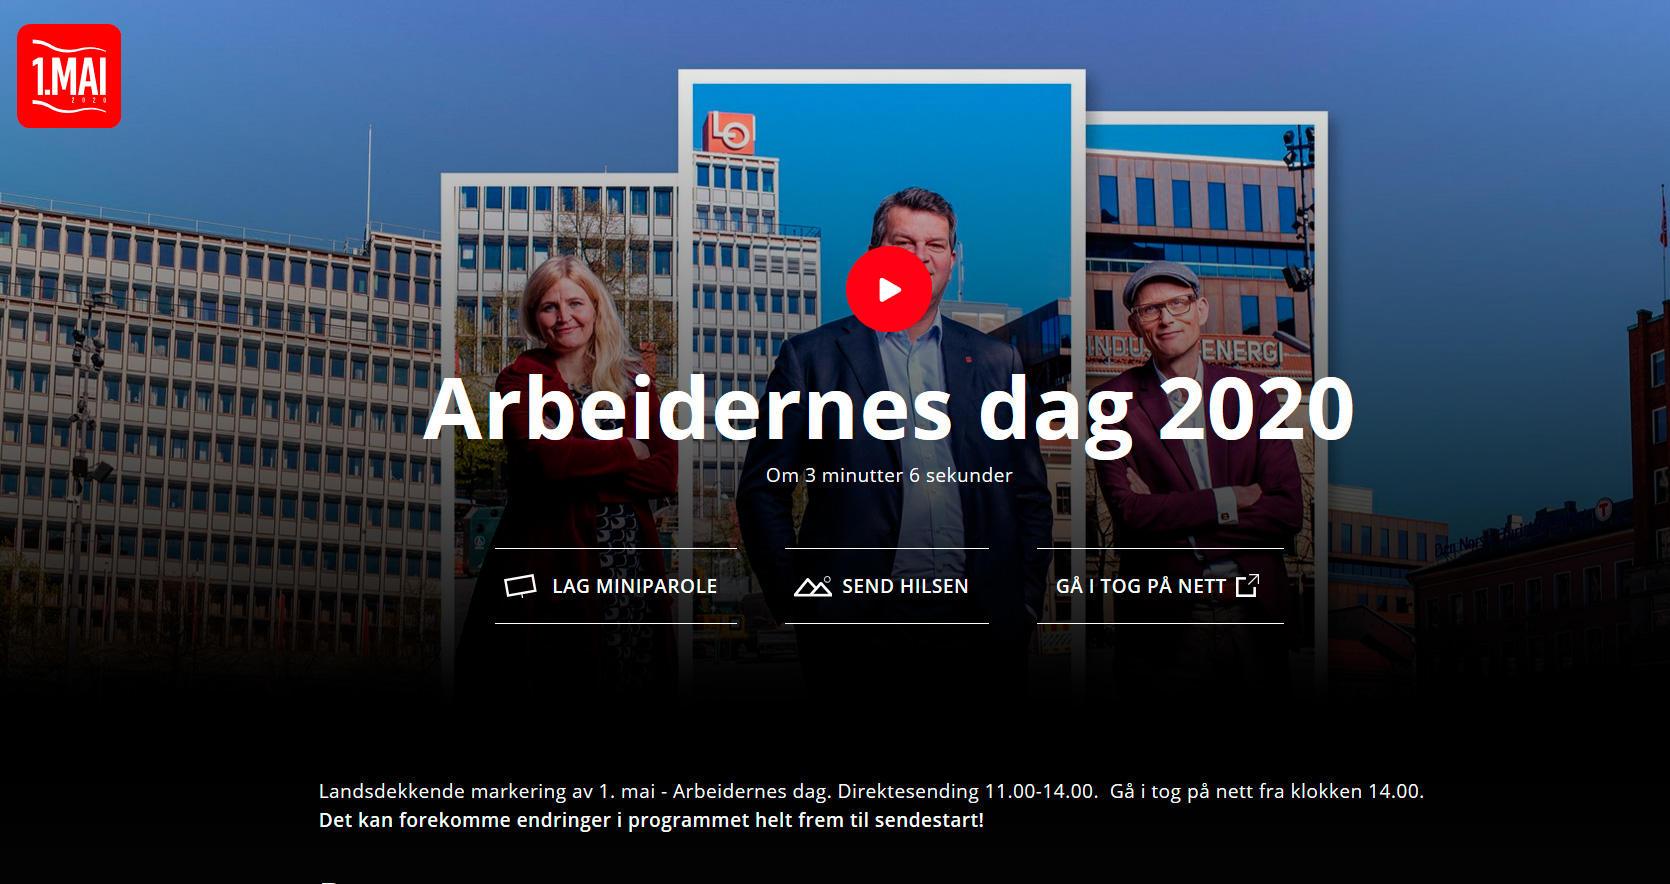 Her kan du følge med på livesendingen fra Folkets hus i Oslo og gå i det virtuelle toget. God 1. mai!